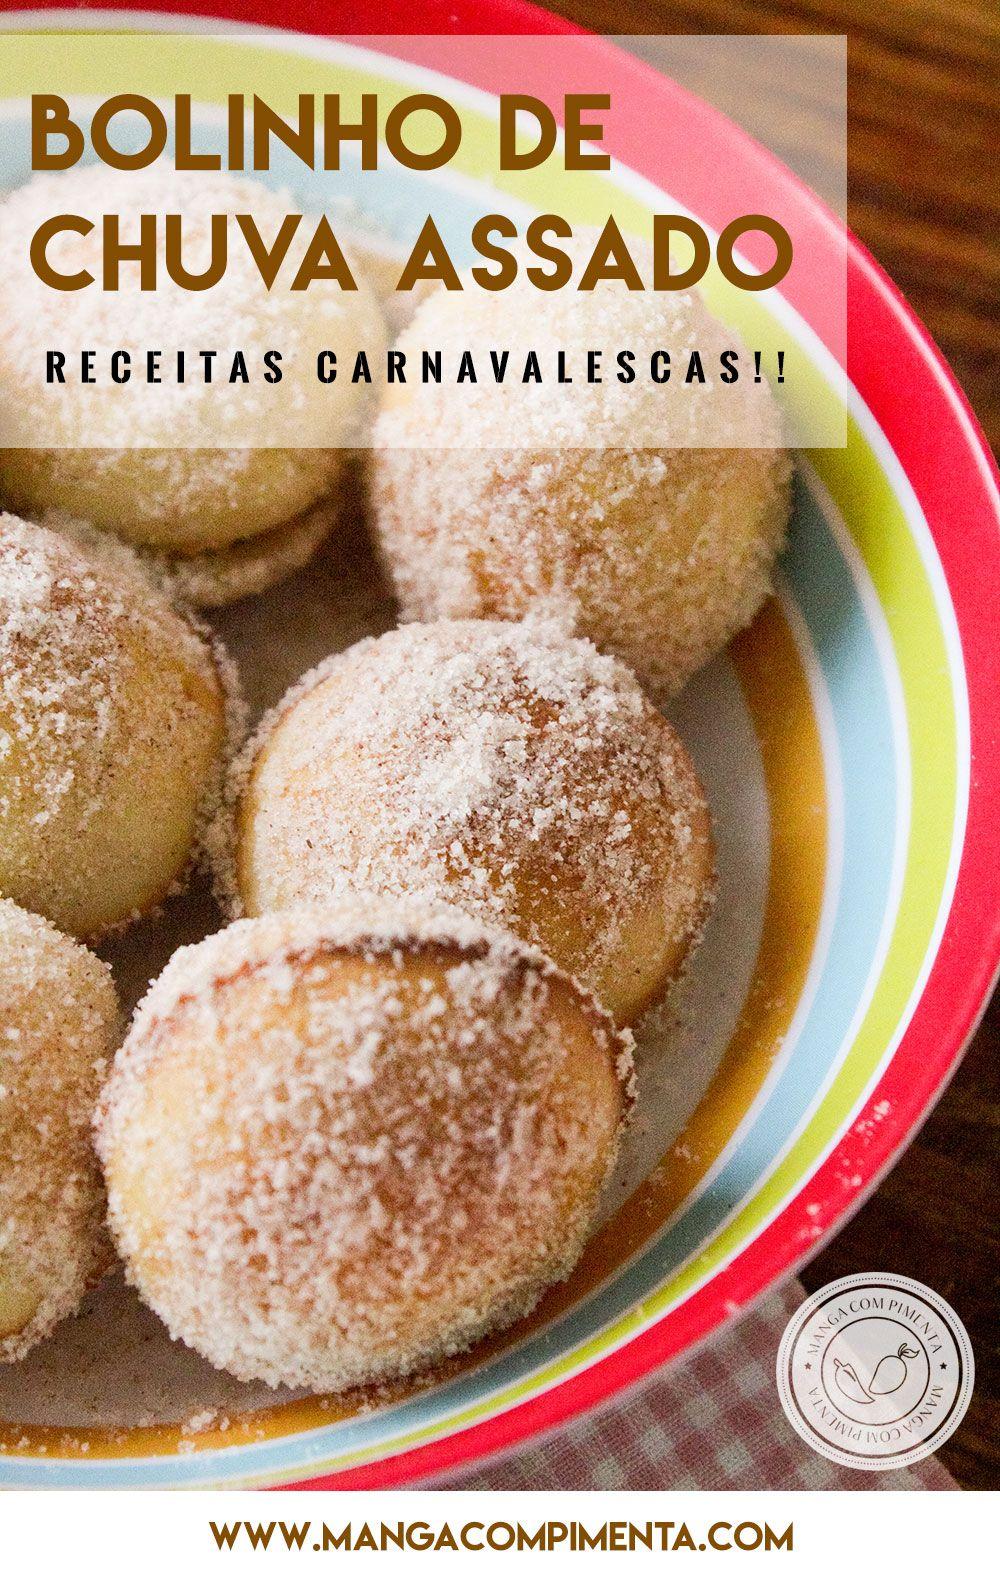 Receita de Bolinho de Chuva Assado - um agrado para o lanche do carnaval. #receitas #carnaval